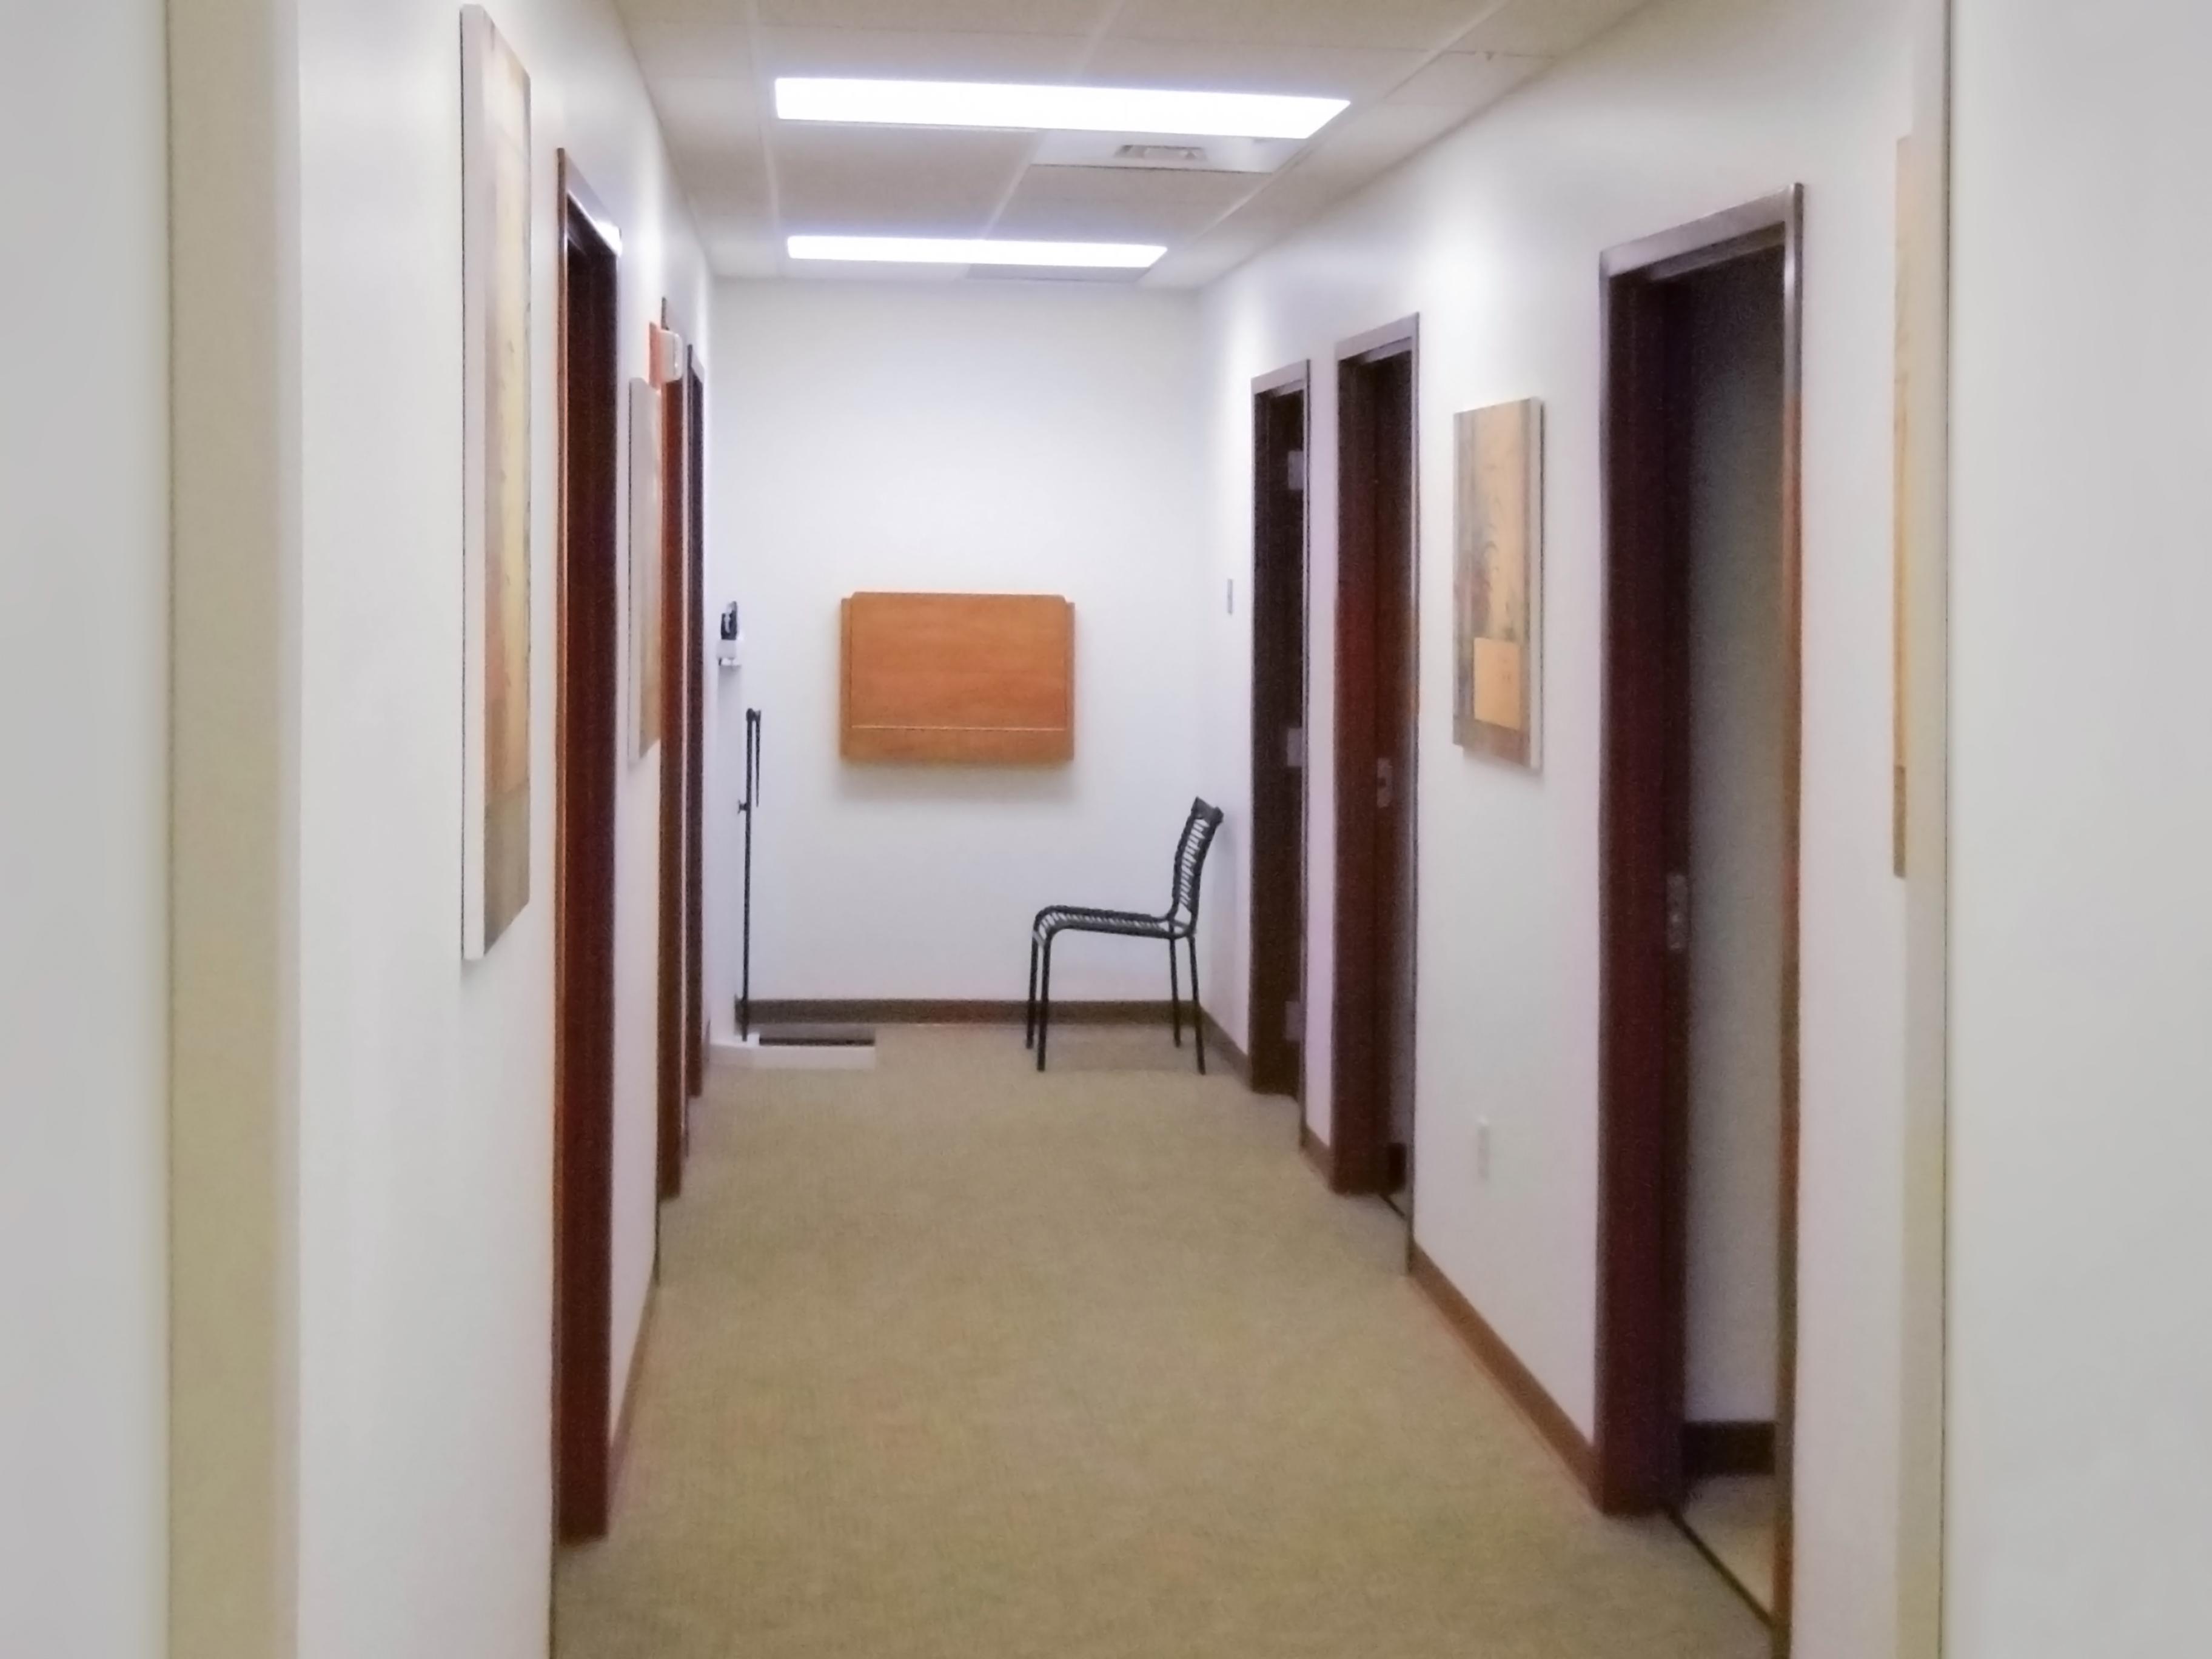 Exam Rooms